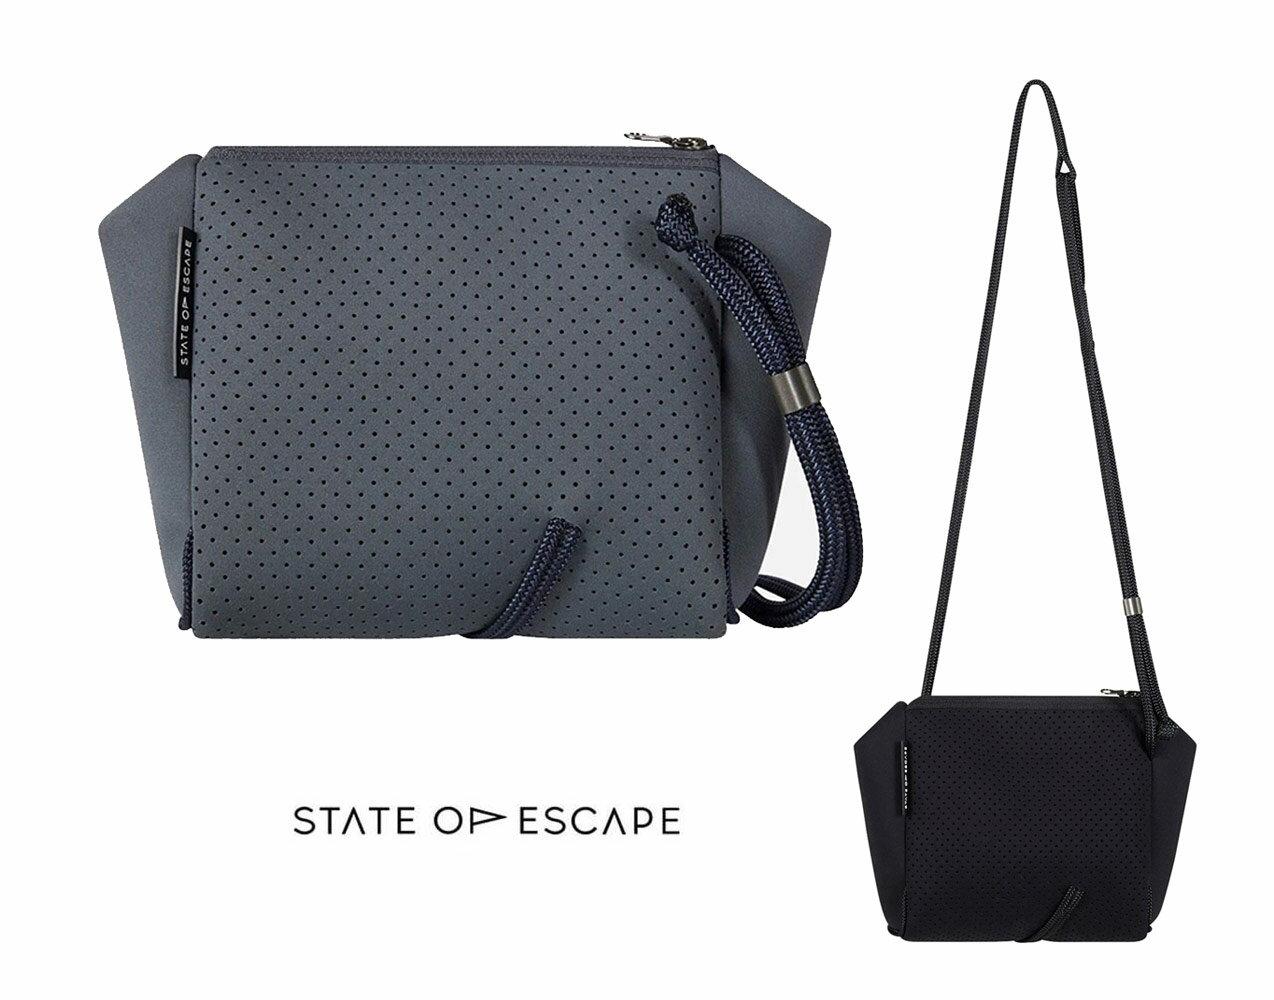 レディースバッグ, ショルダーバッグ・メッセンジャーバッグ State of Escape()Festival Mini Crossbody Bag